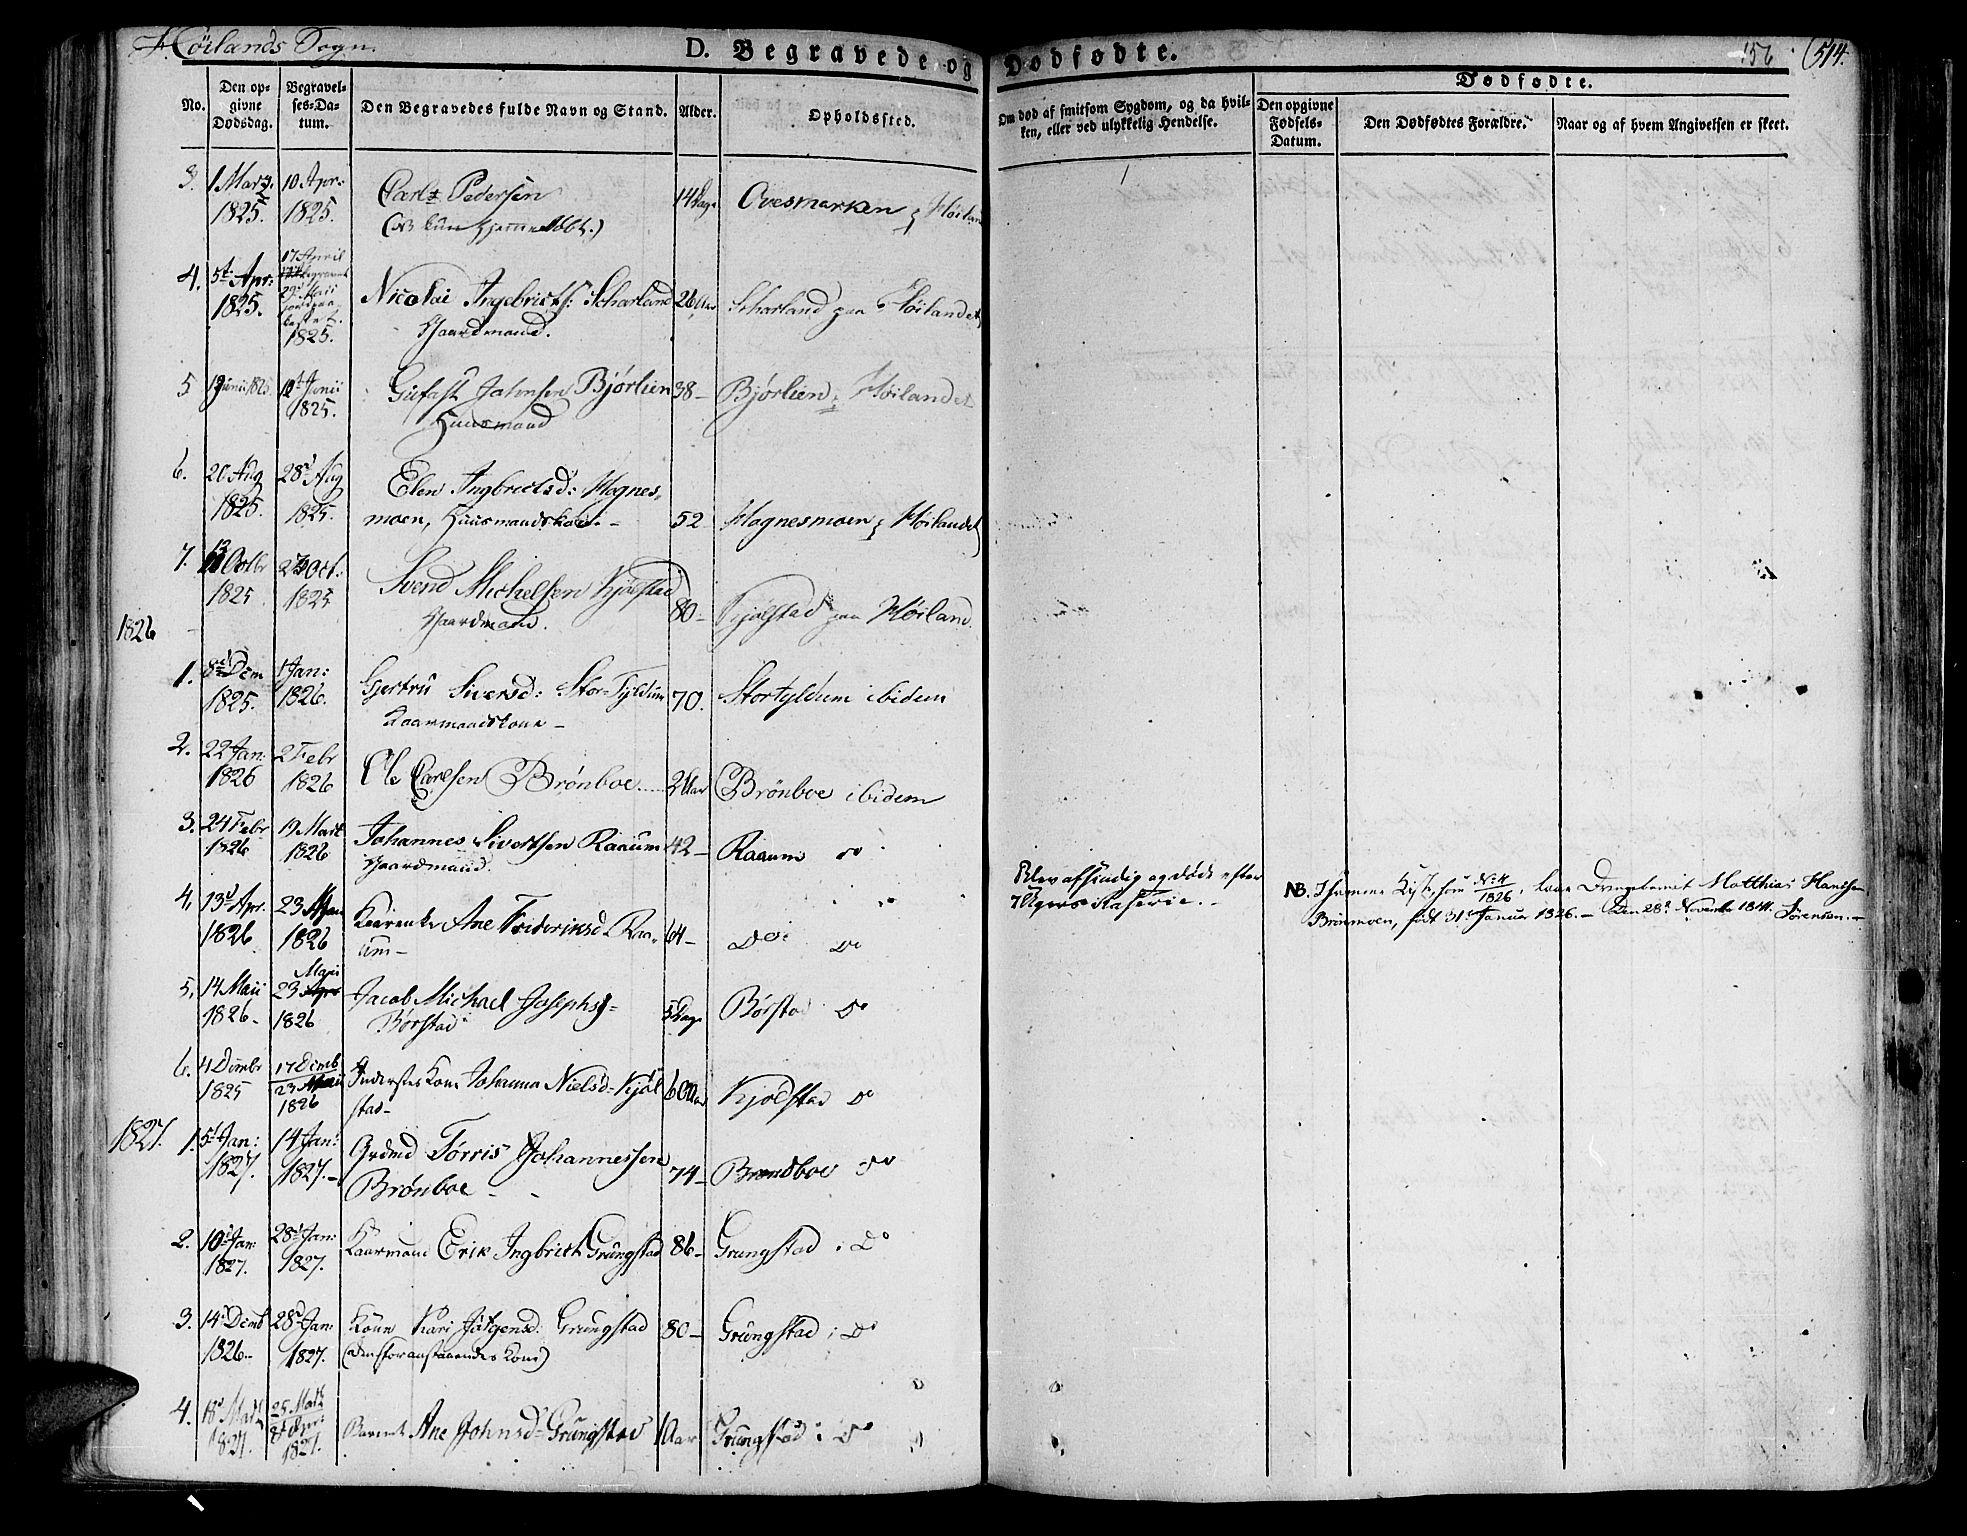 SAT, Ministerialprotokoller, klokkerbøker og fødselsregistre - Nord-Trøndelag, 758/L0510: Ministerialbok nr. 758A01 /2, 1821-1841, s. 156